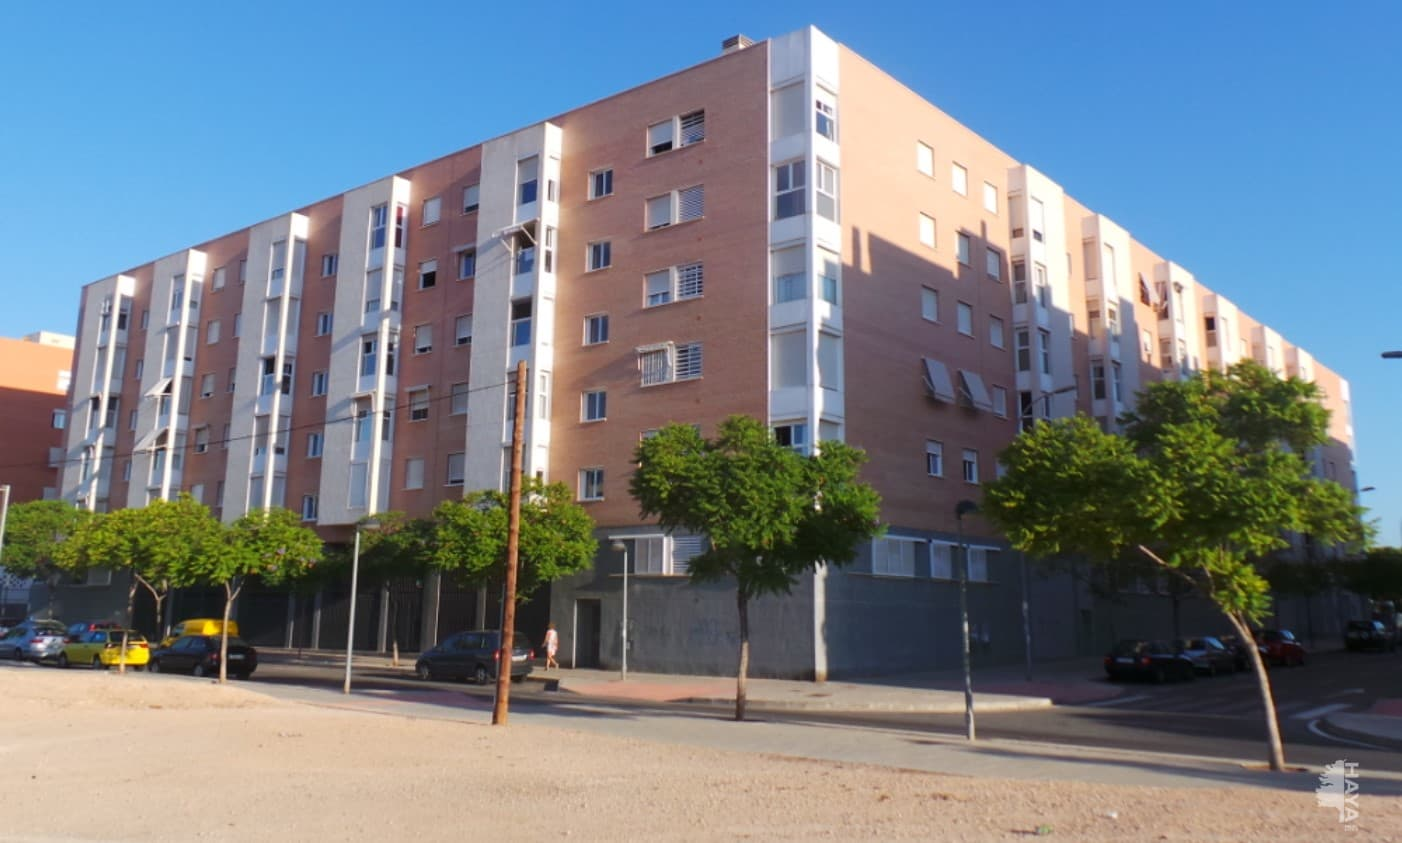 Piso en venta en Parque de la Avenidas, Alicante/alacant, Alicante, Calle los Montesinos, 169.000 €, 2 baños, 168 m2